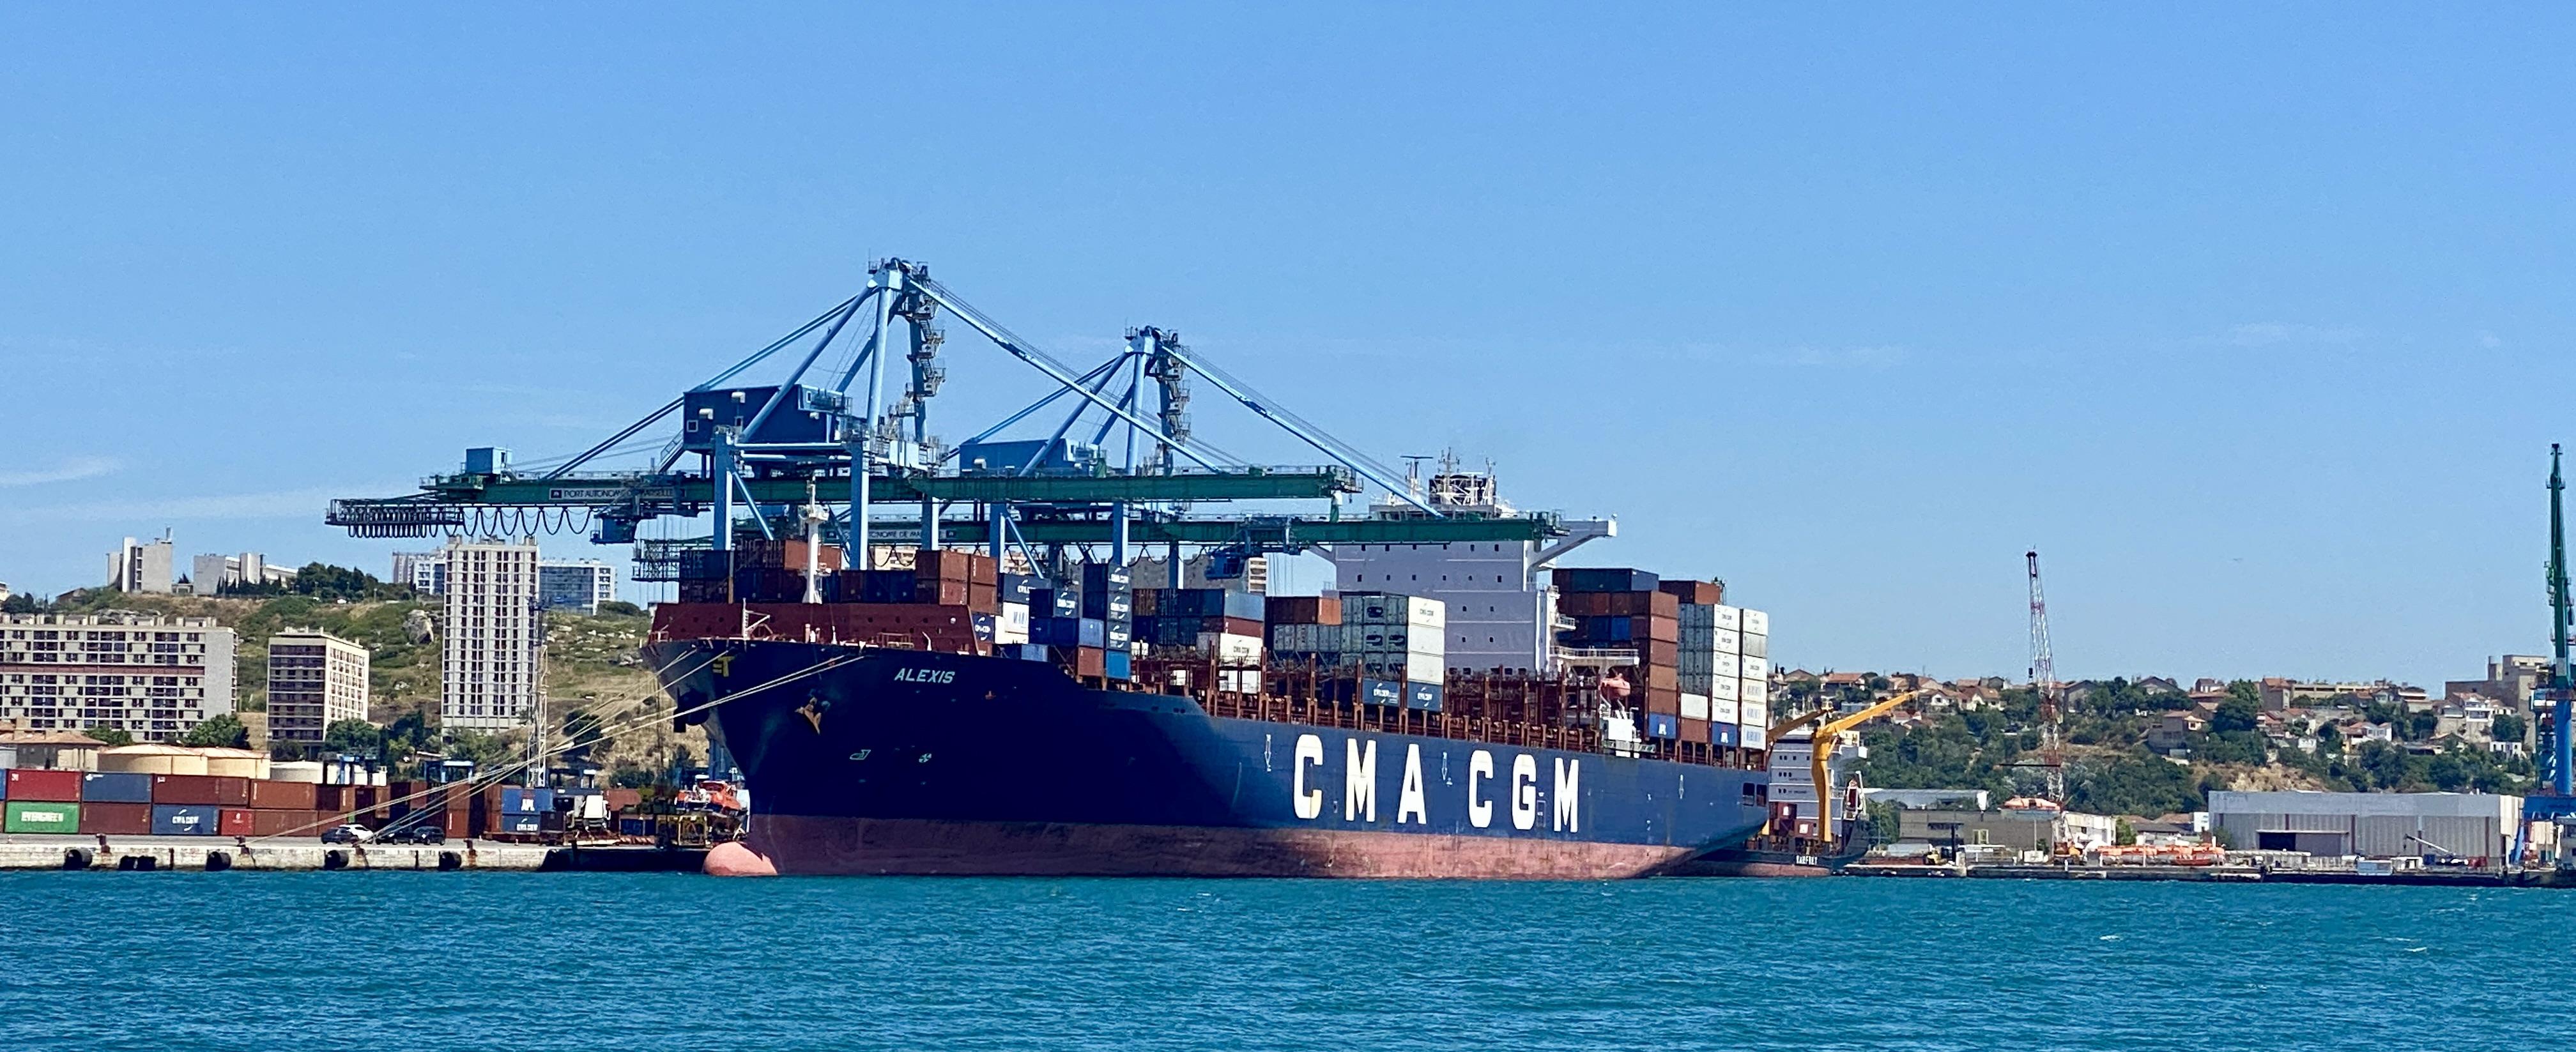 CMA CGM a lancé fin 2020 un service conteneurisé (TMX2) connectant Marseille aux ports d'Italie, de Turquie et d'Algérie. ©NBC